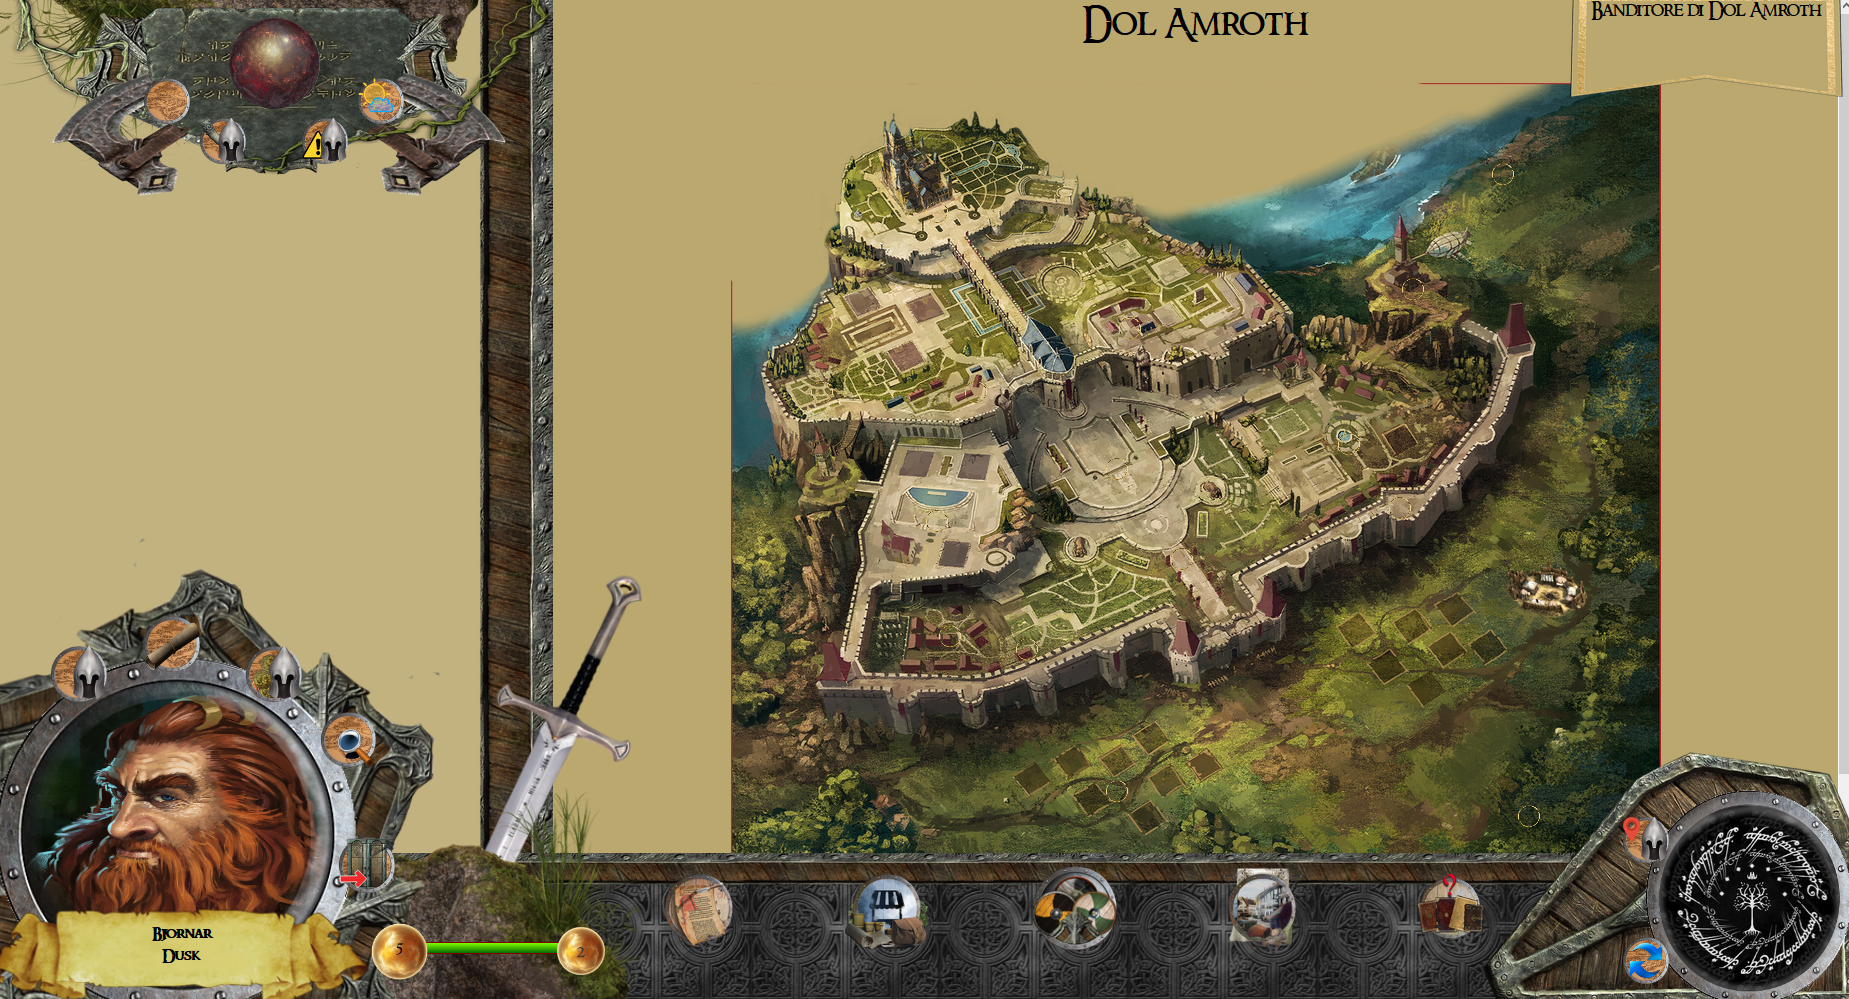 Dol Amroth